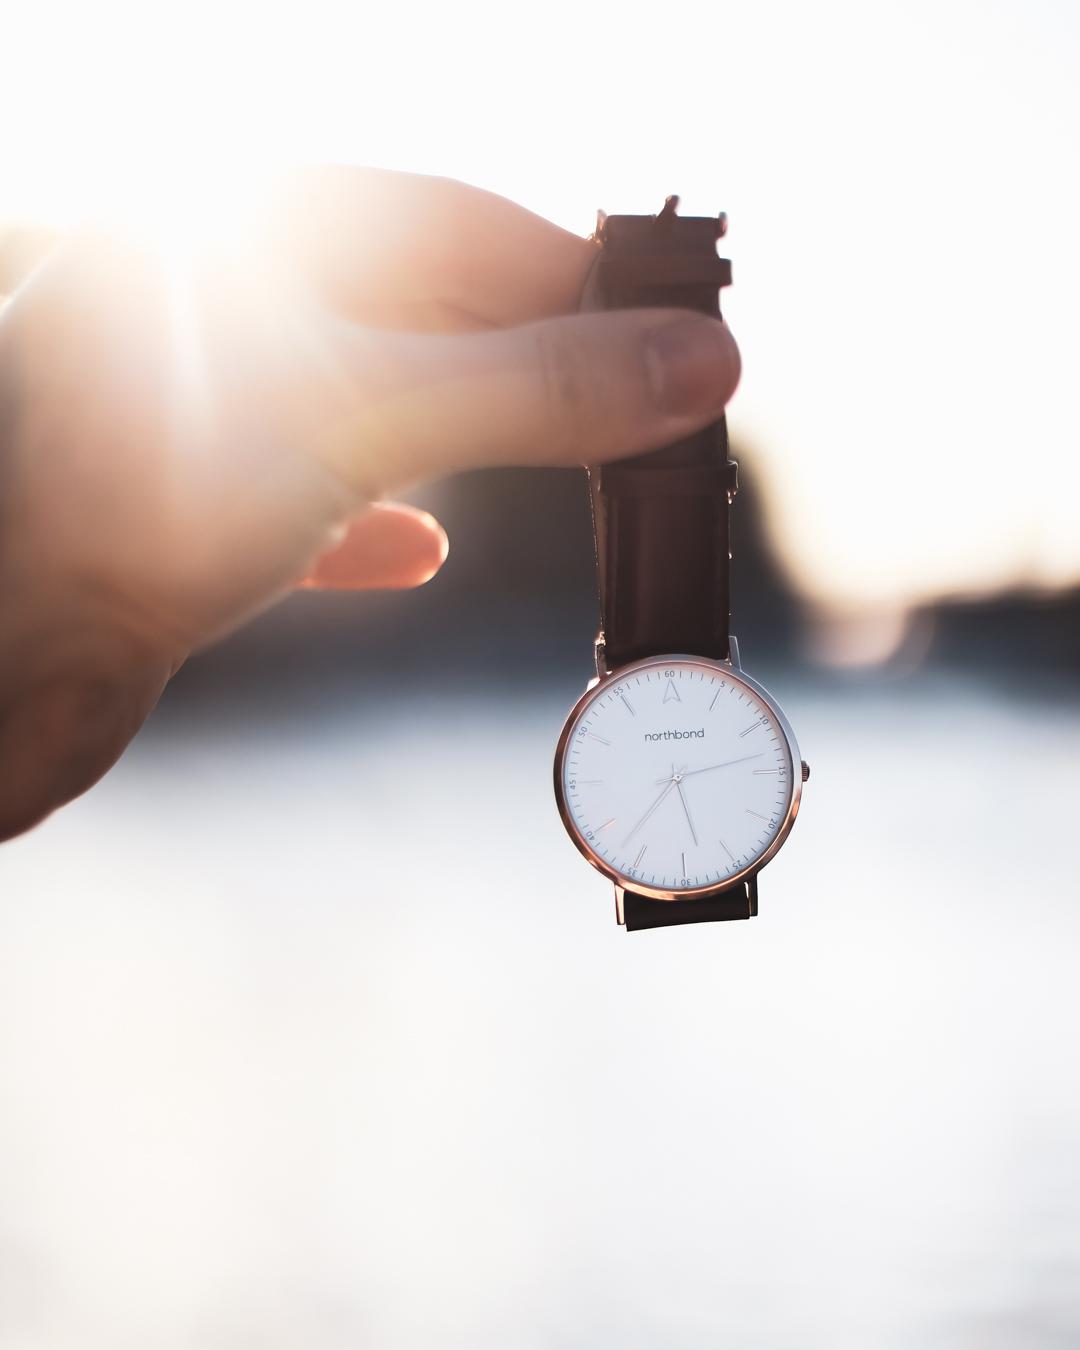 scandinavian design watch